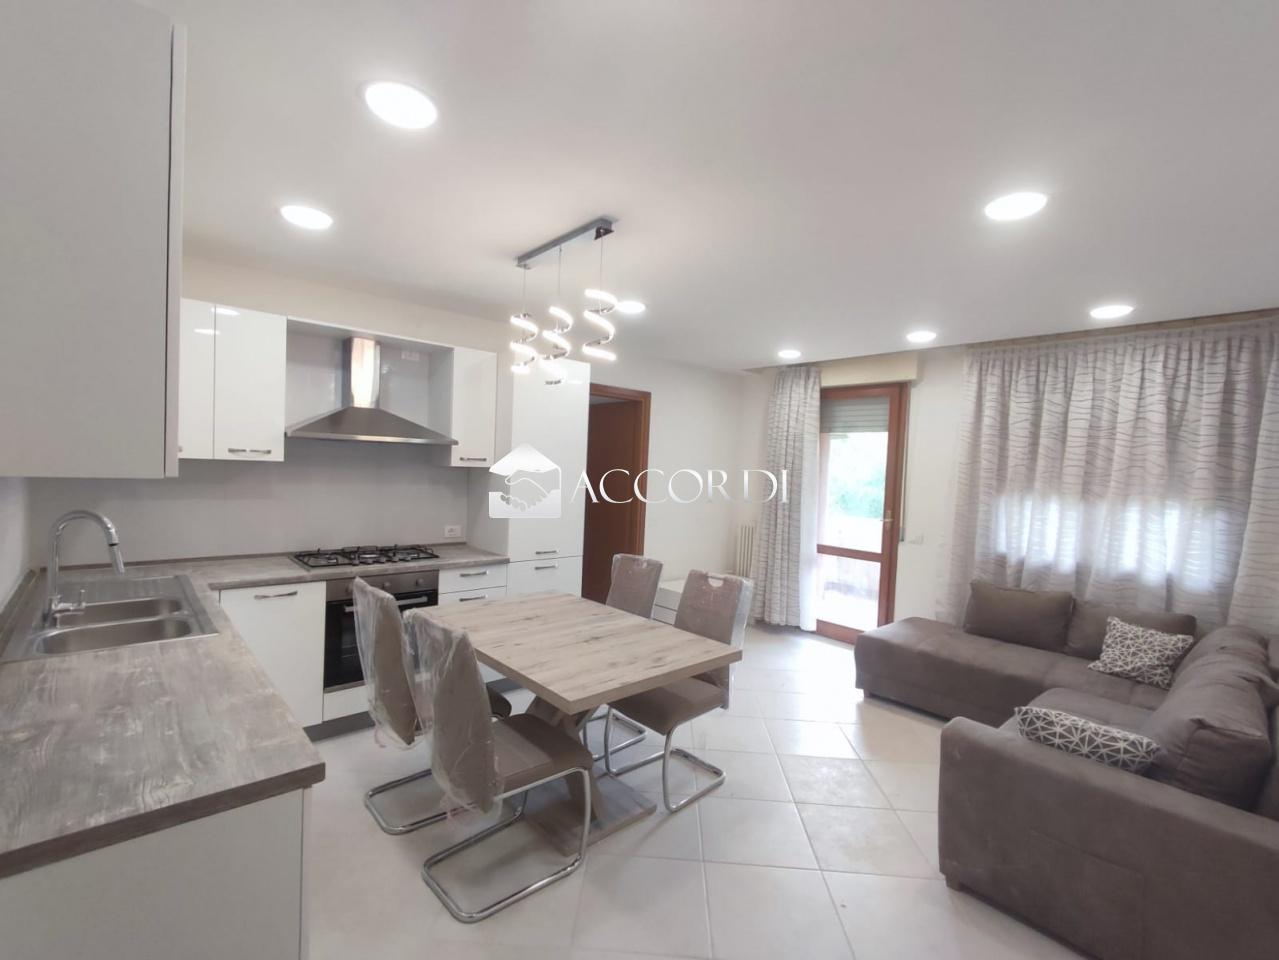 Appartamento in vendita a Vazzola, 2 locali, prezzo € 90.000 | PortaleAgenzieImmobiliari.it